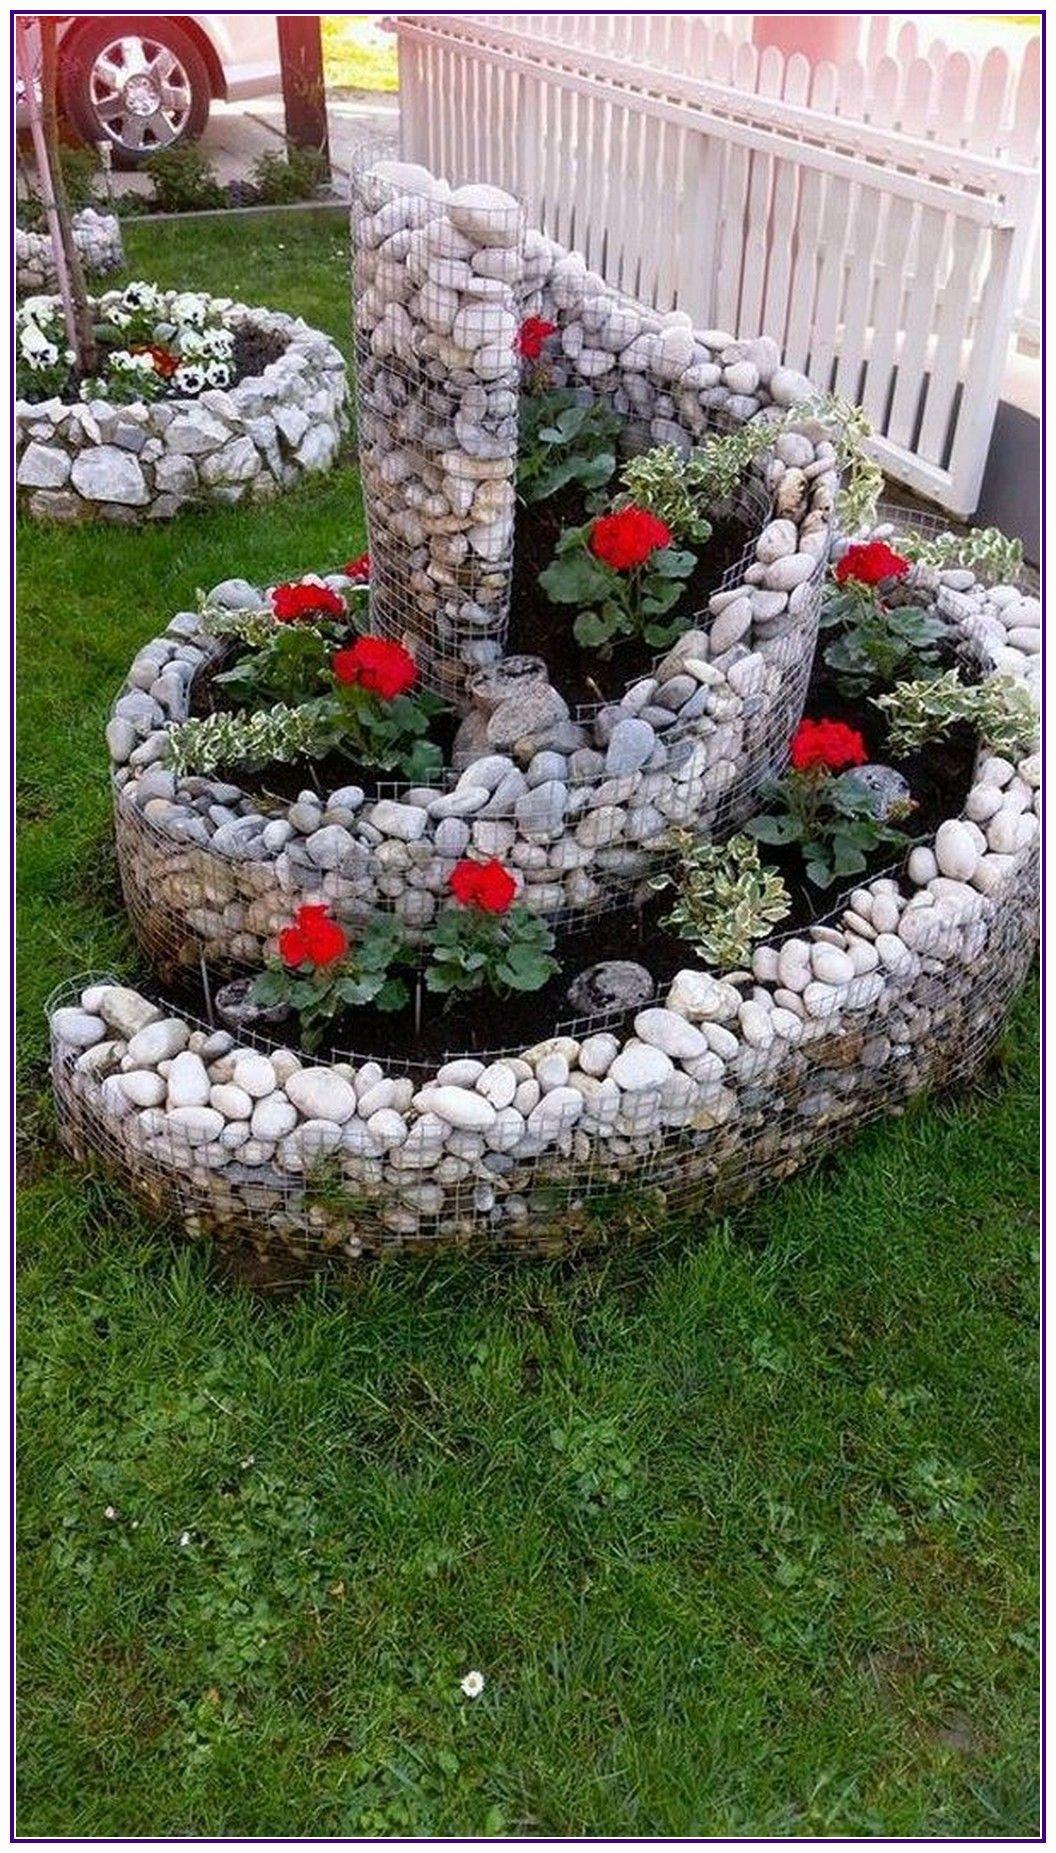 15 budget friendly diy backyard landscaping ideas to on backyard landscaping ideas with minimum budget id=37966